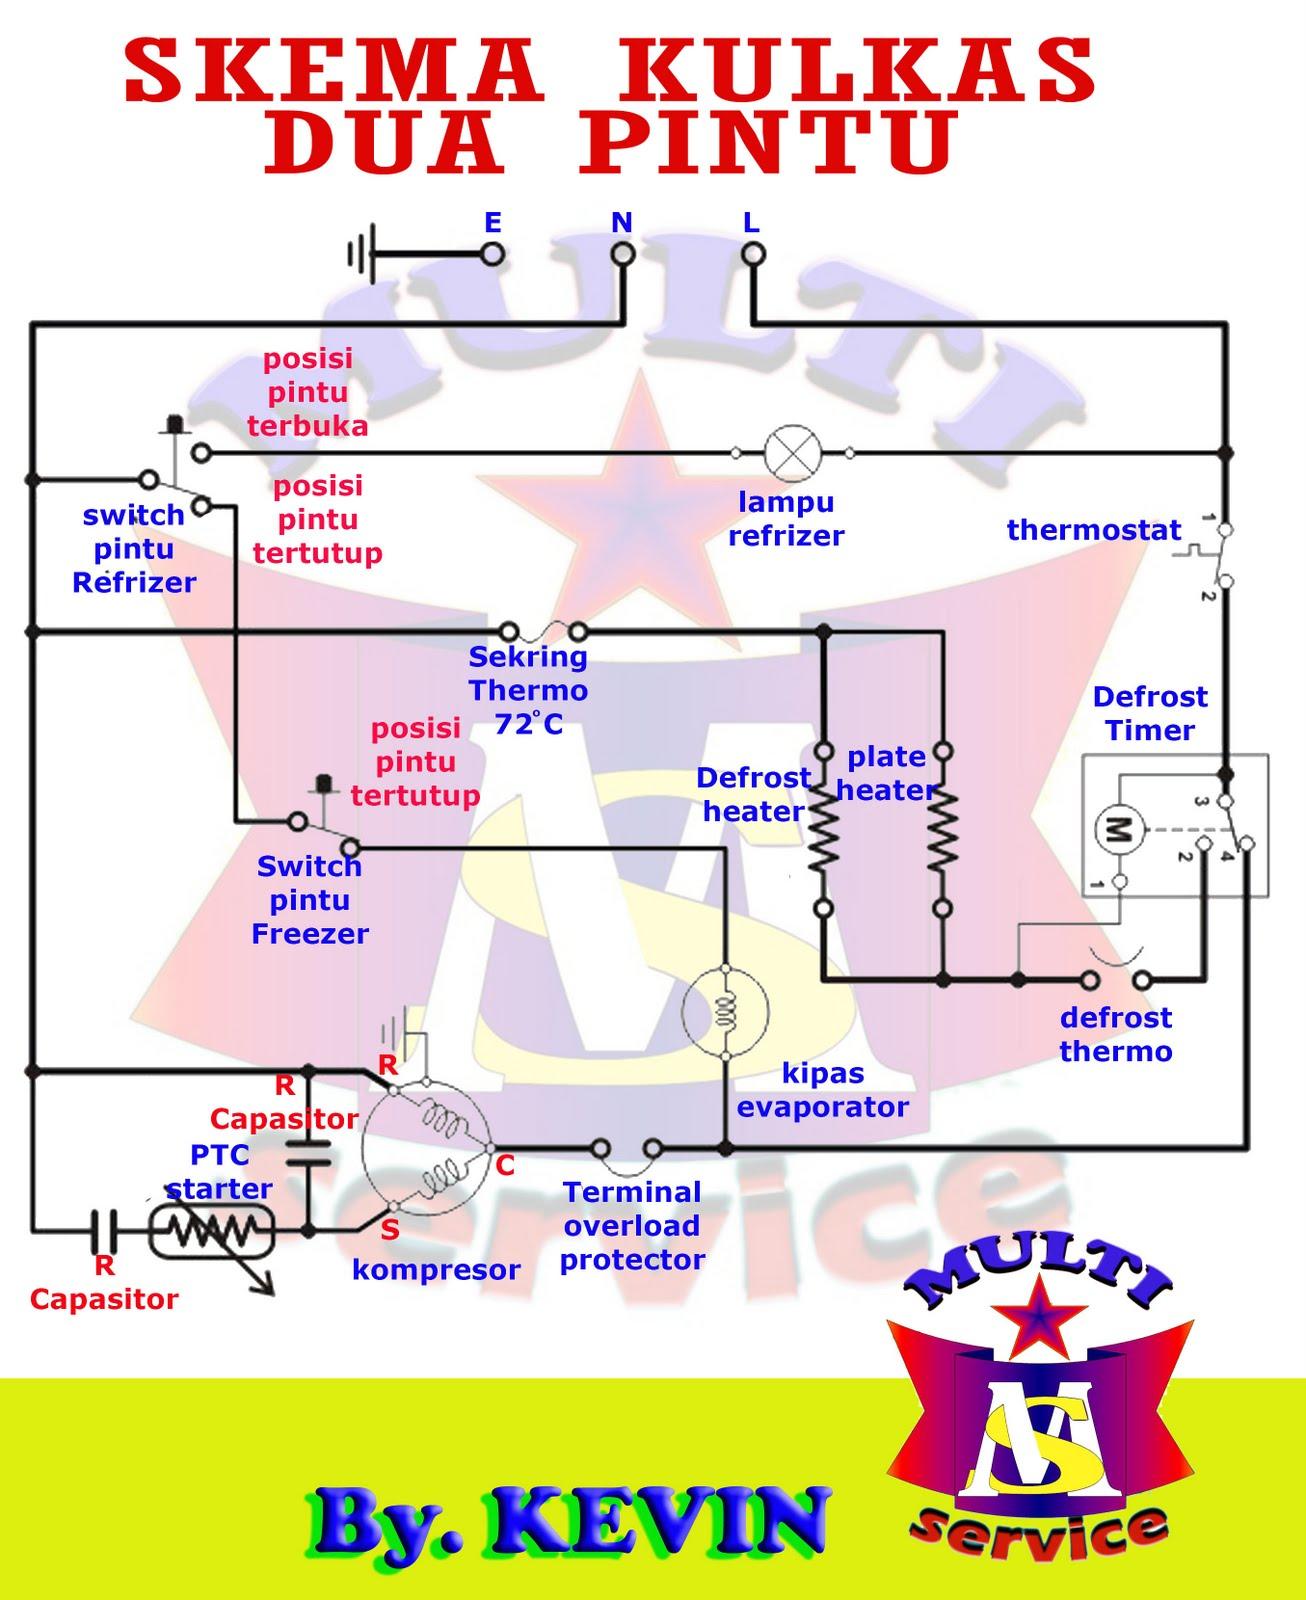 Kevinmulti26 diagram kulkas dua pintu diagram kulkas dua pintu asfbconference2016 Images